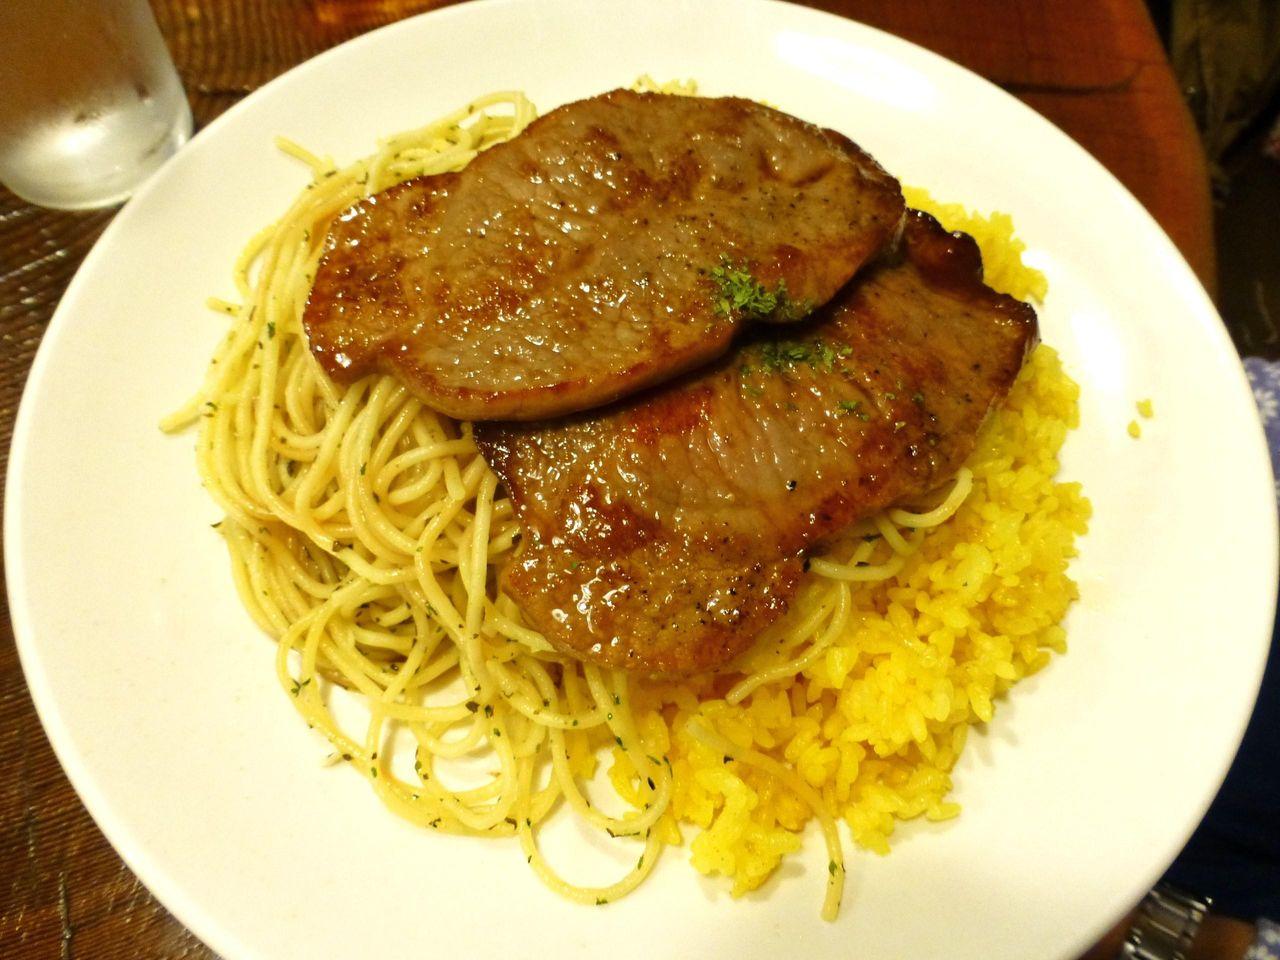 テレビで紹介された、牛肉の薄切りステーキ950円